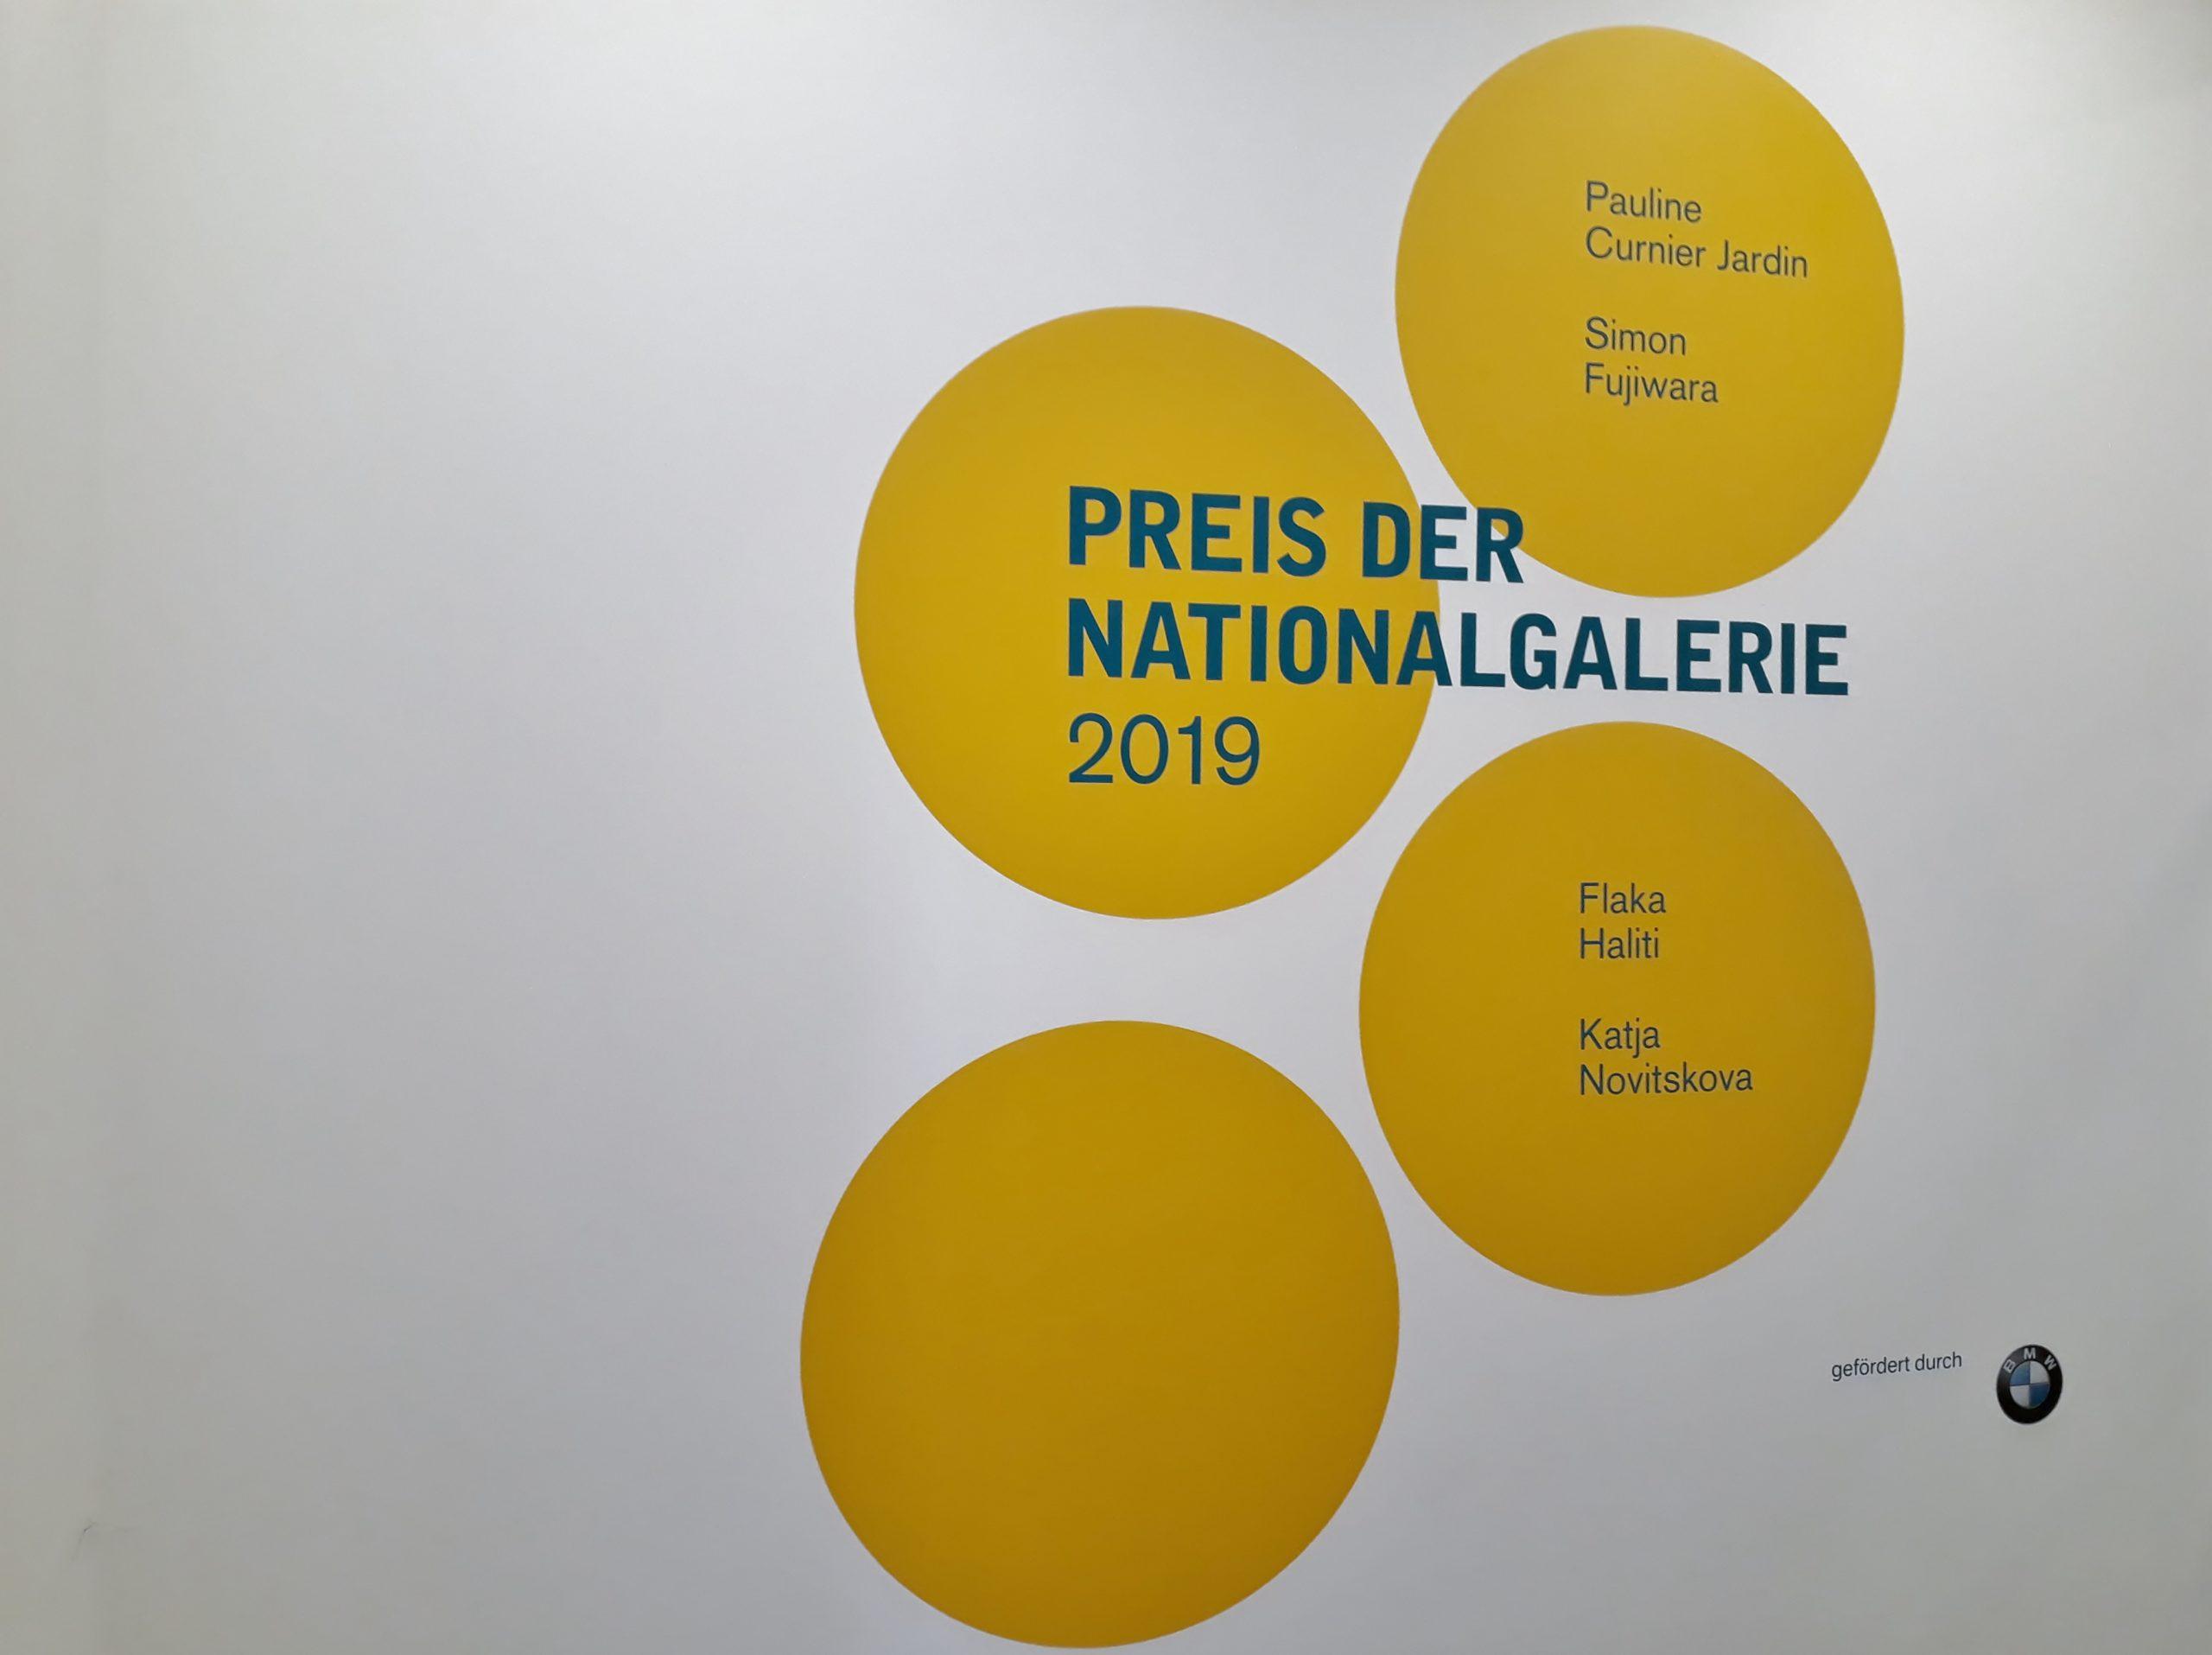 Sehen, ohne viel zu verstehen: Die Shortlist-Ausstellung im Hamburger Bahnhof